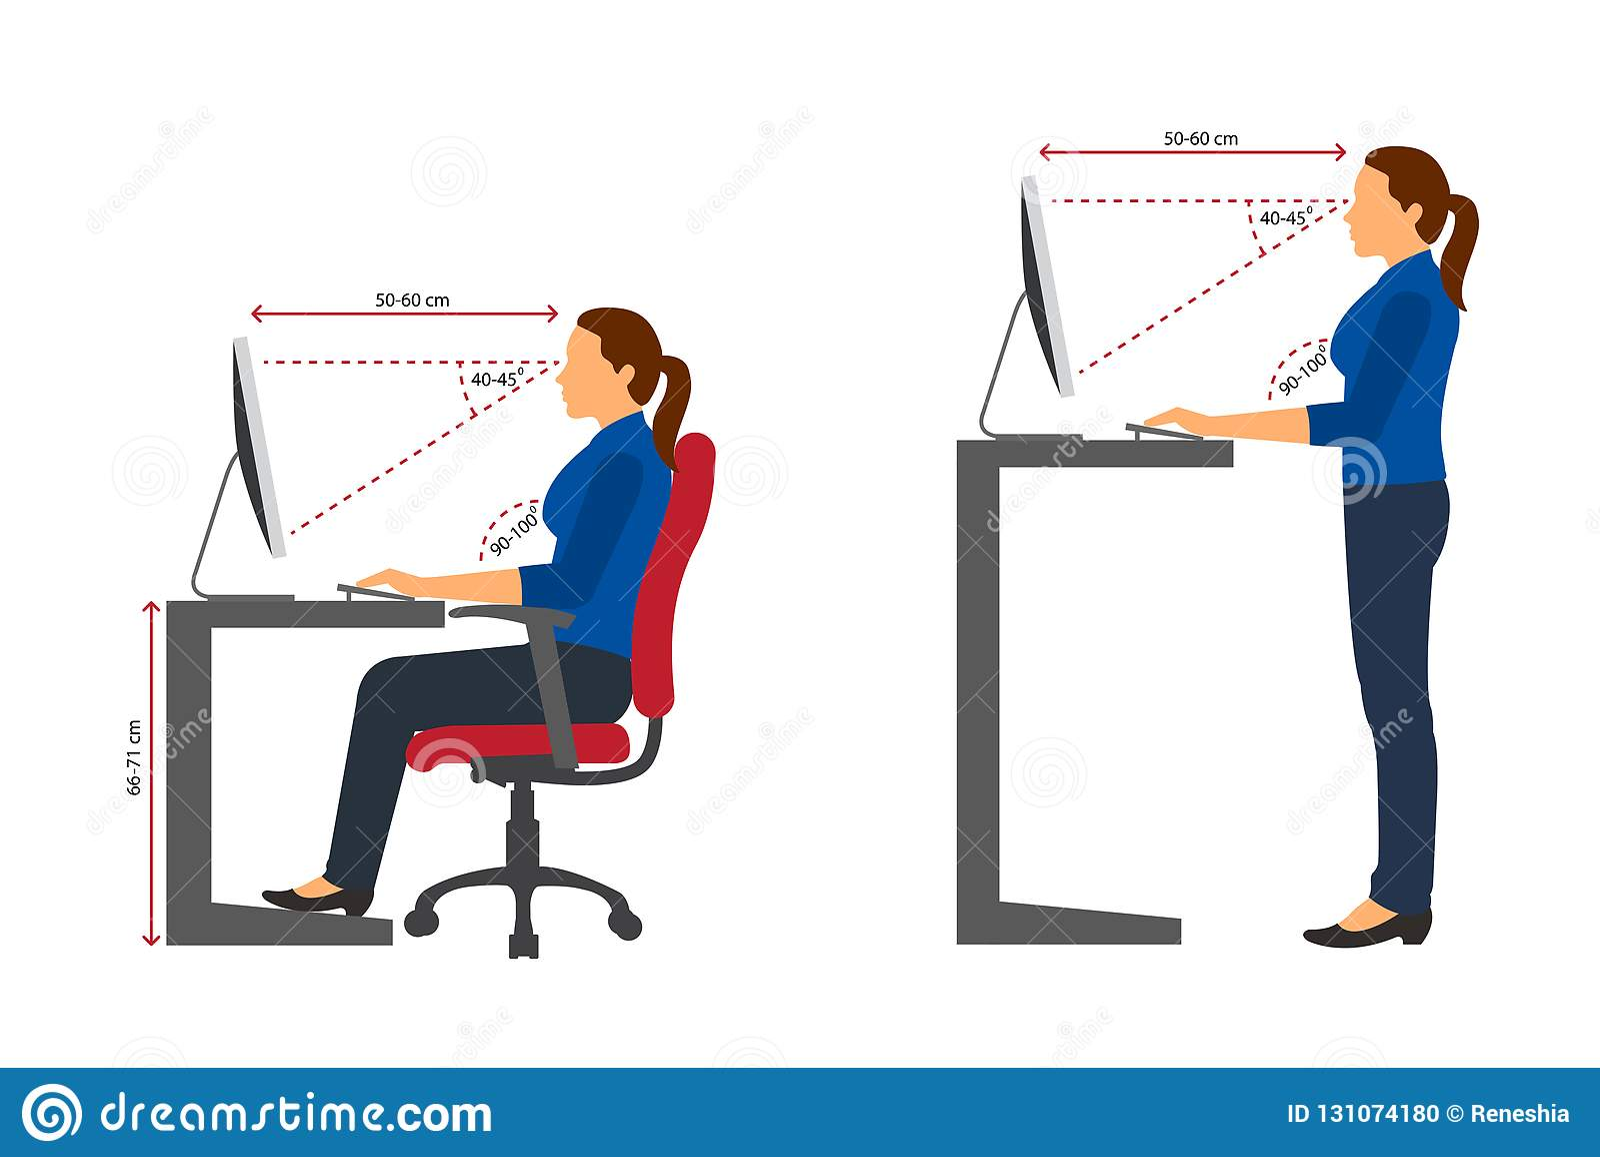 Sentada correcta de la mujer ergonómica y postura permanente al usar un ordenador